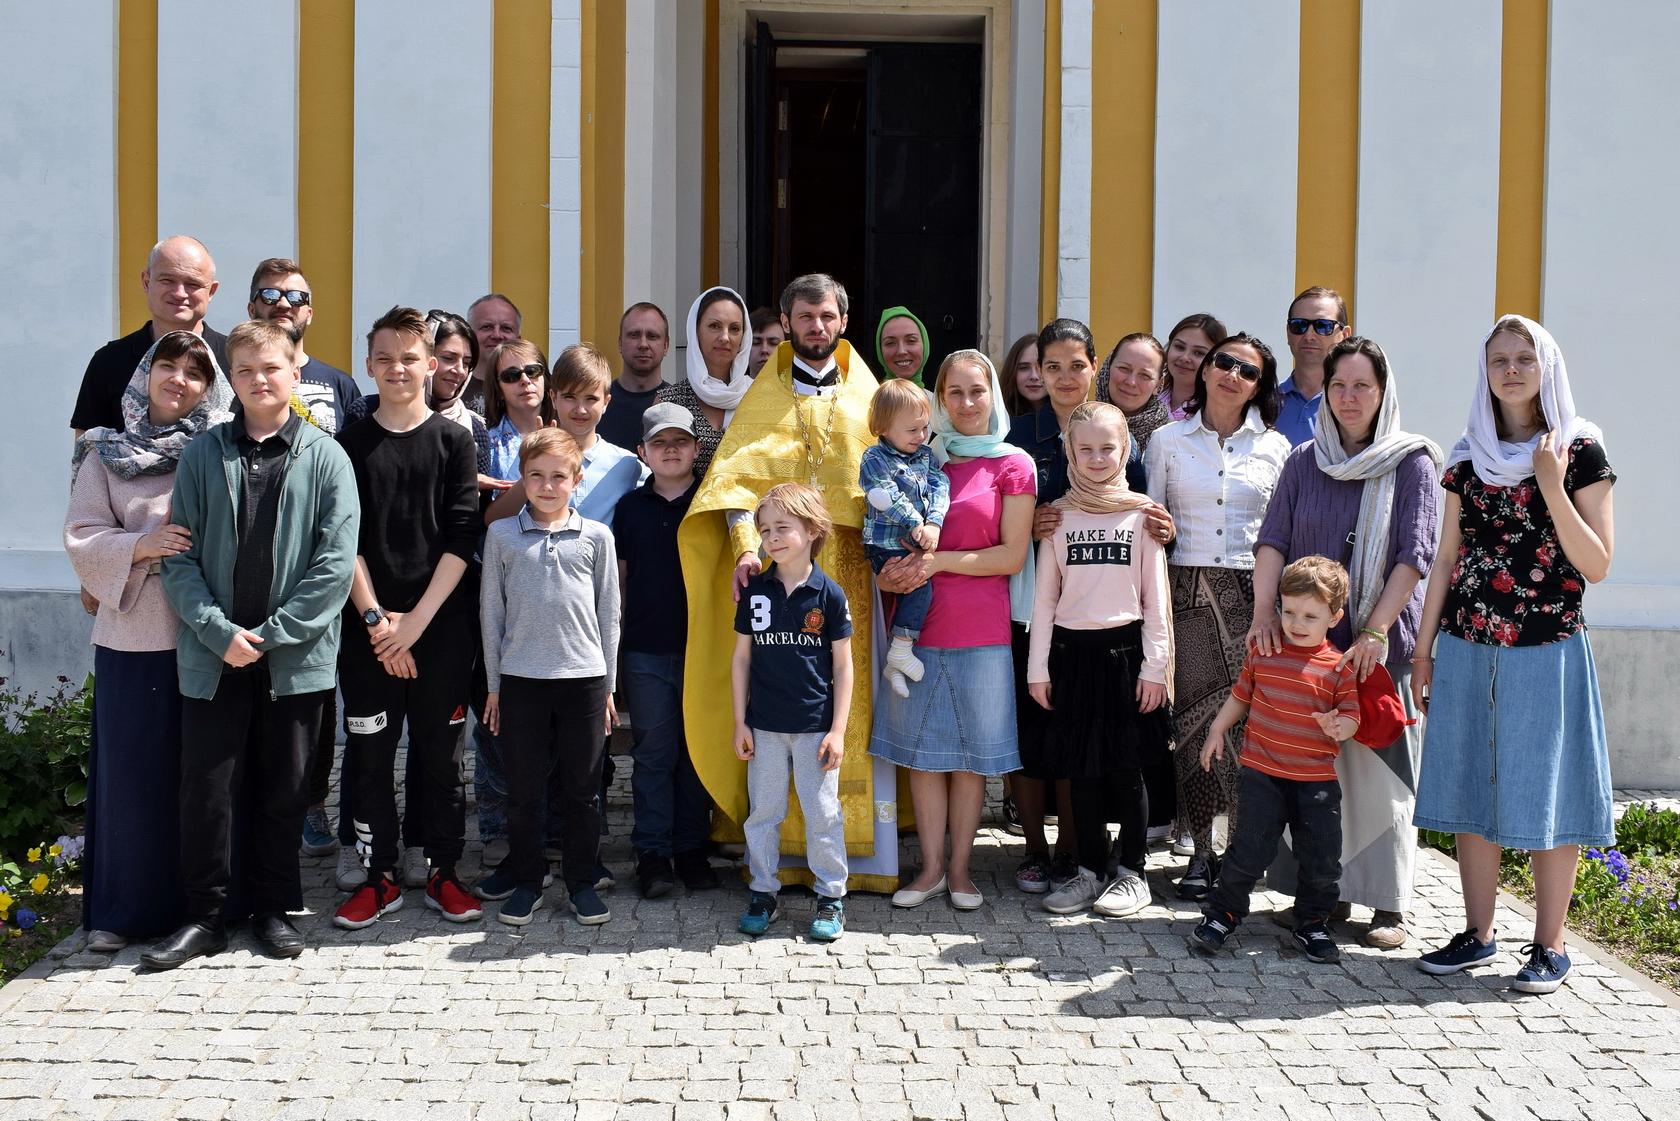 Преображенский храма д. Спас-Каменка посетила группа паломников — воспитанников воскресной школы из Москвы